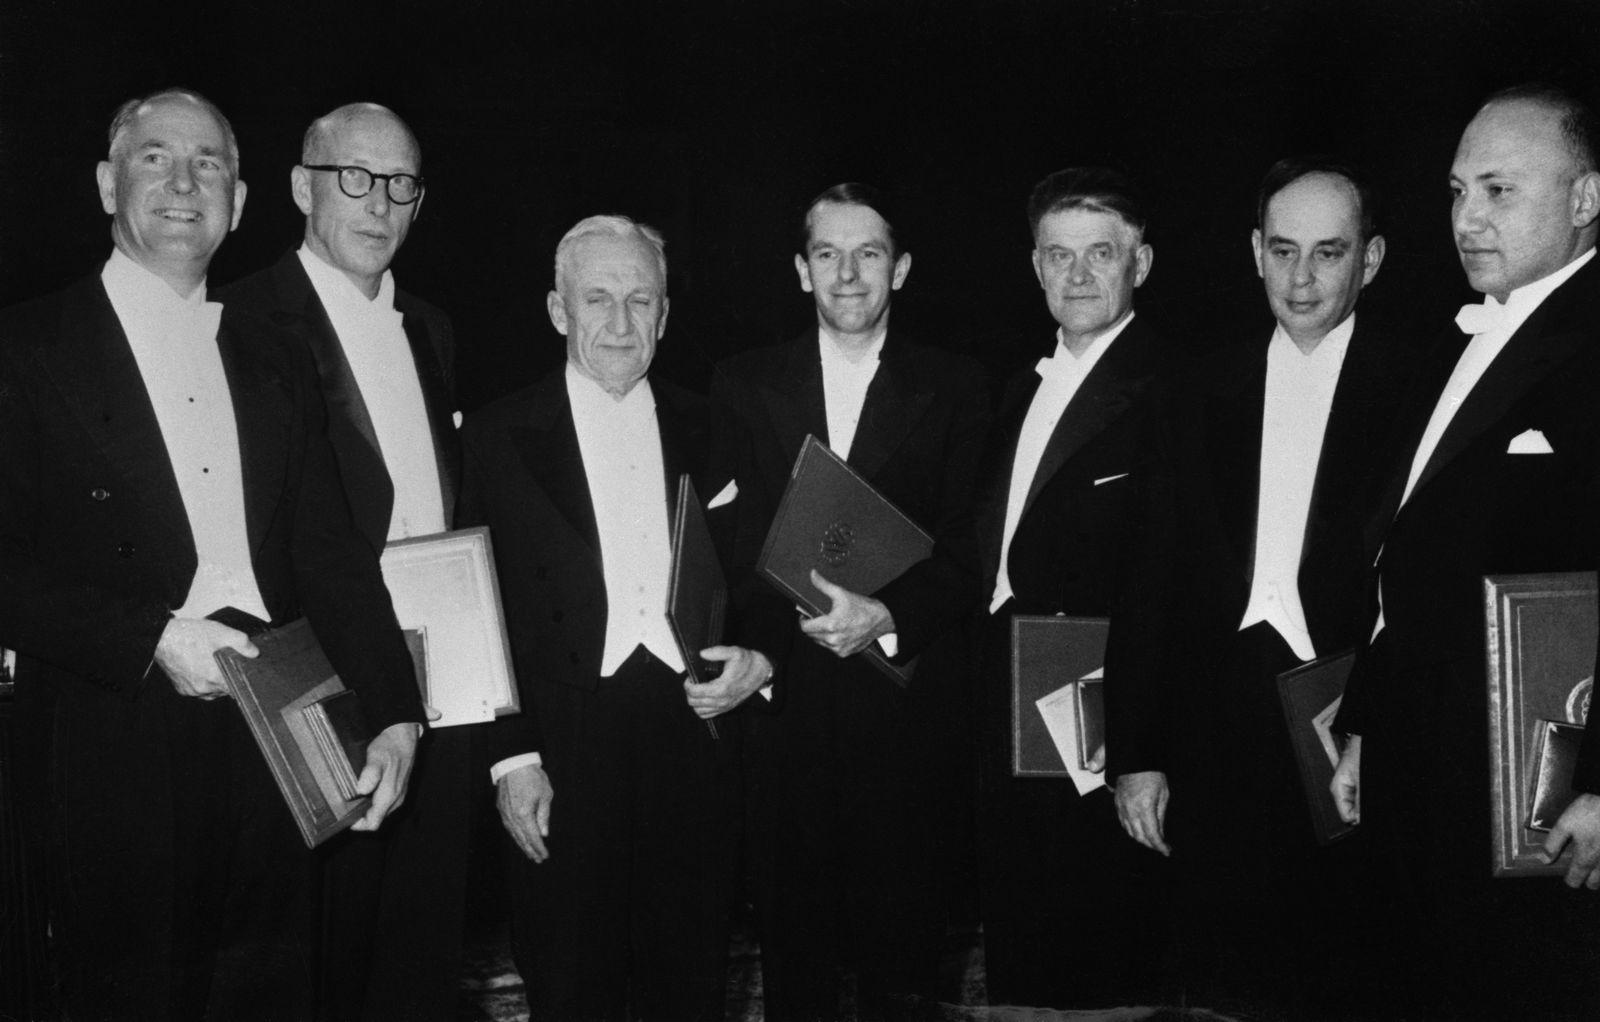 NICHT MEHR VERWENDEN! - Nobelpreis / Nobelpreisträger der Physik / Beadle / Tatum / Tamm / Sanger / Cherenkov / Frank / Lederberg